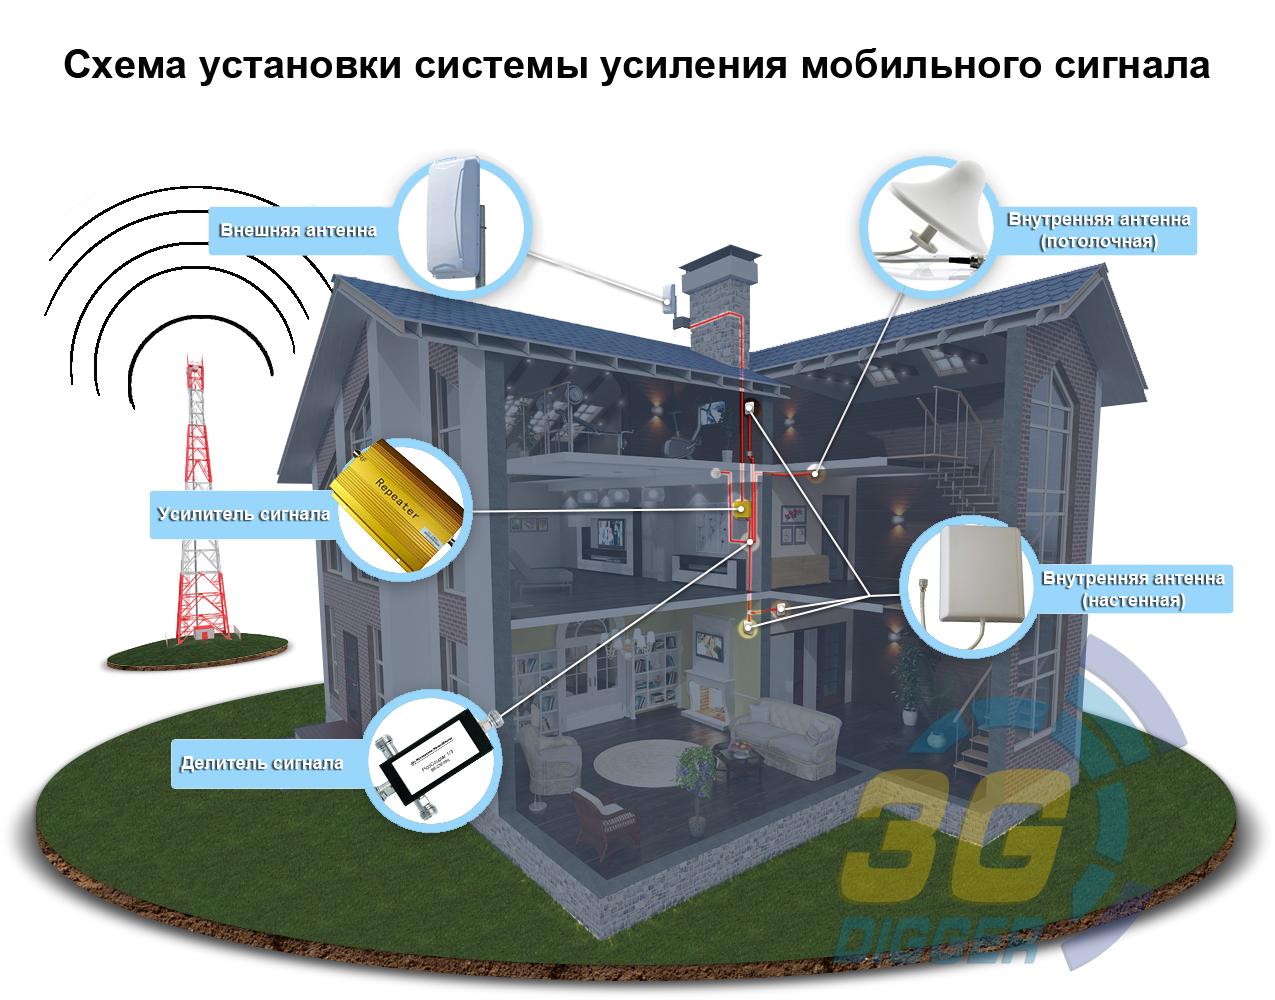 Схема установки системы усиления мобильного сигнала